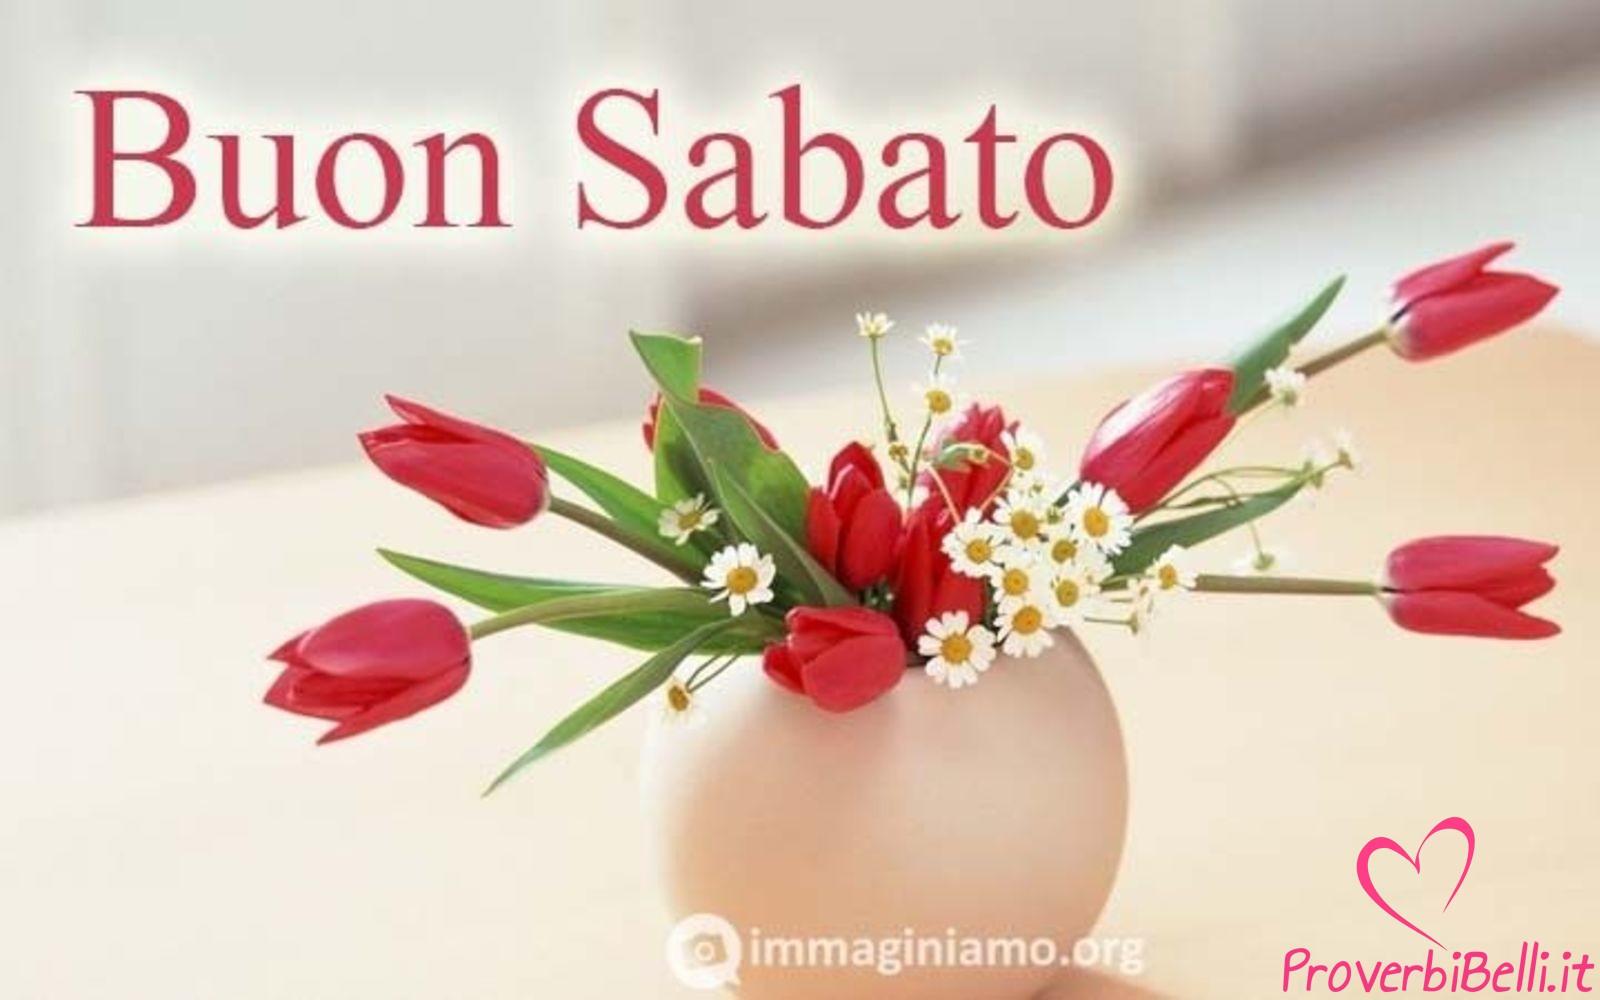 Immagini-Buongiorno-Sabato-per-Whatsapp-723